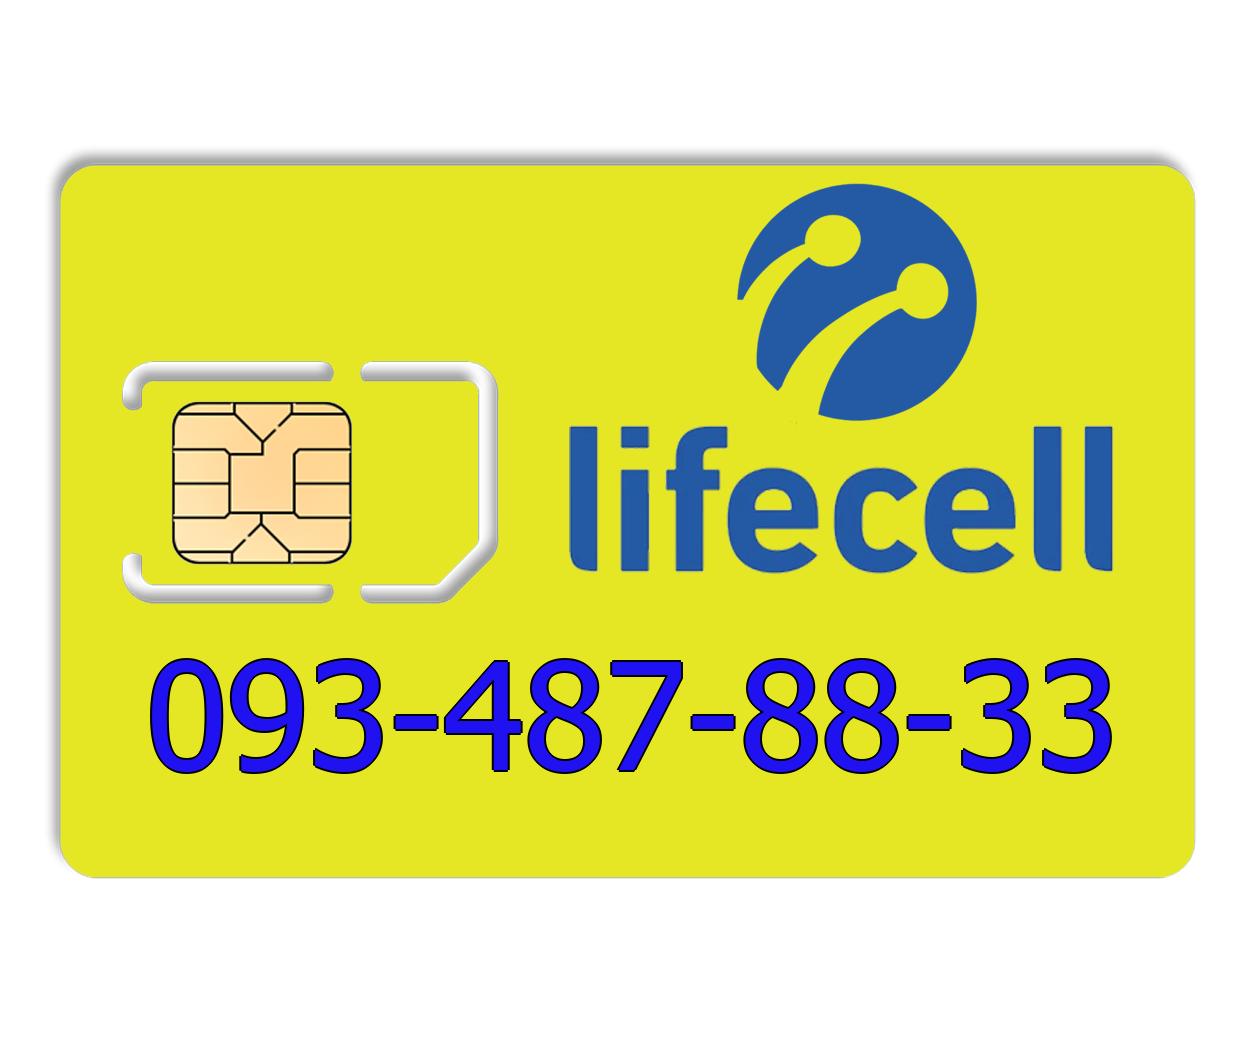 Красивый номер lifecell 093-487-88-33